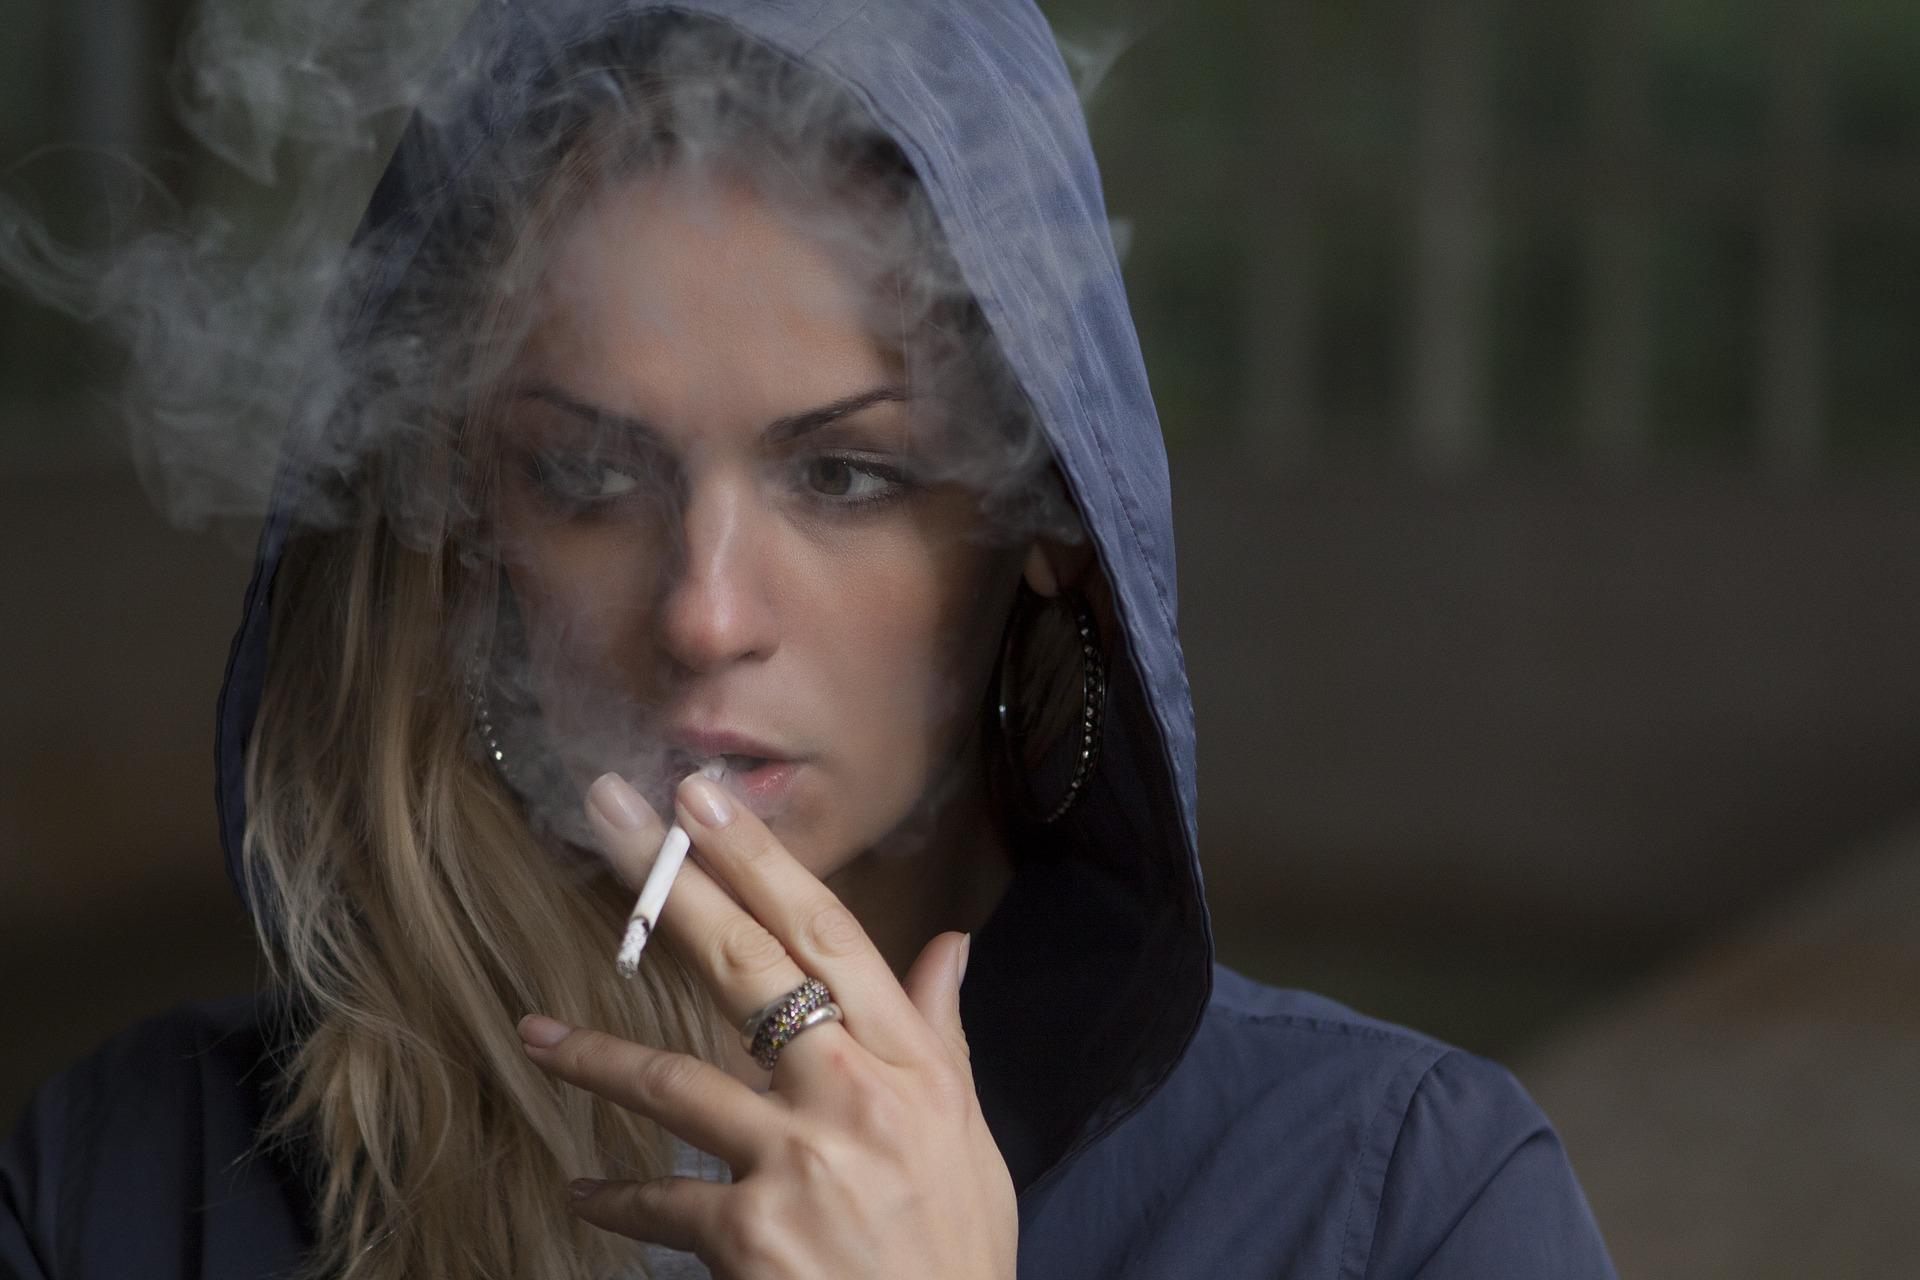 Διακοπή καπνίσματος γυναίκες: Γιατί οι γυναίκες δυσκολεύονται περισσότερο να το κόψουν;